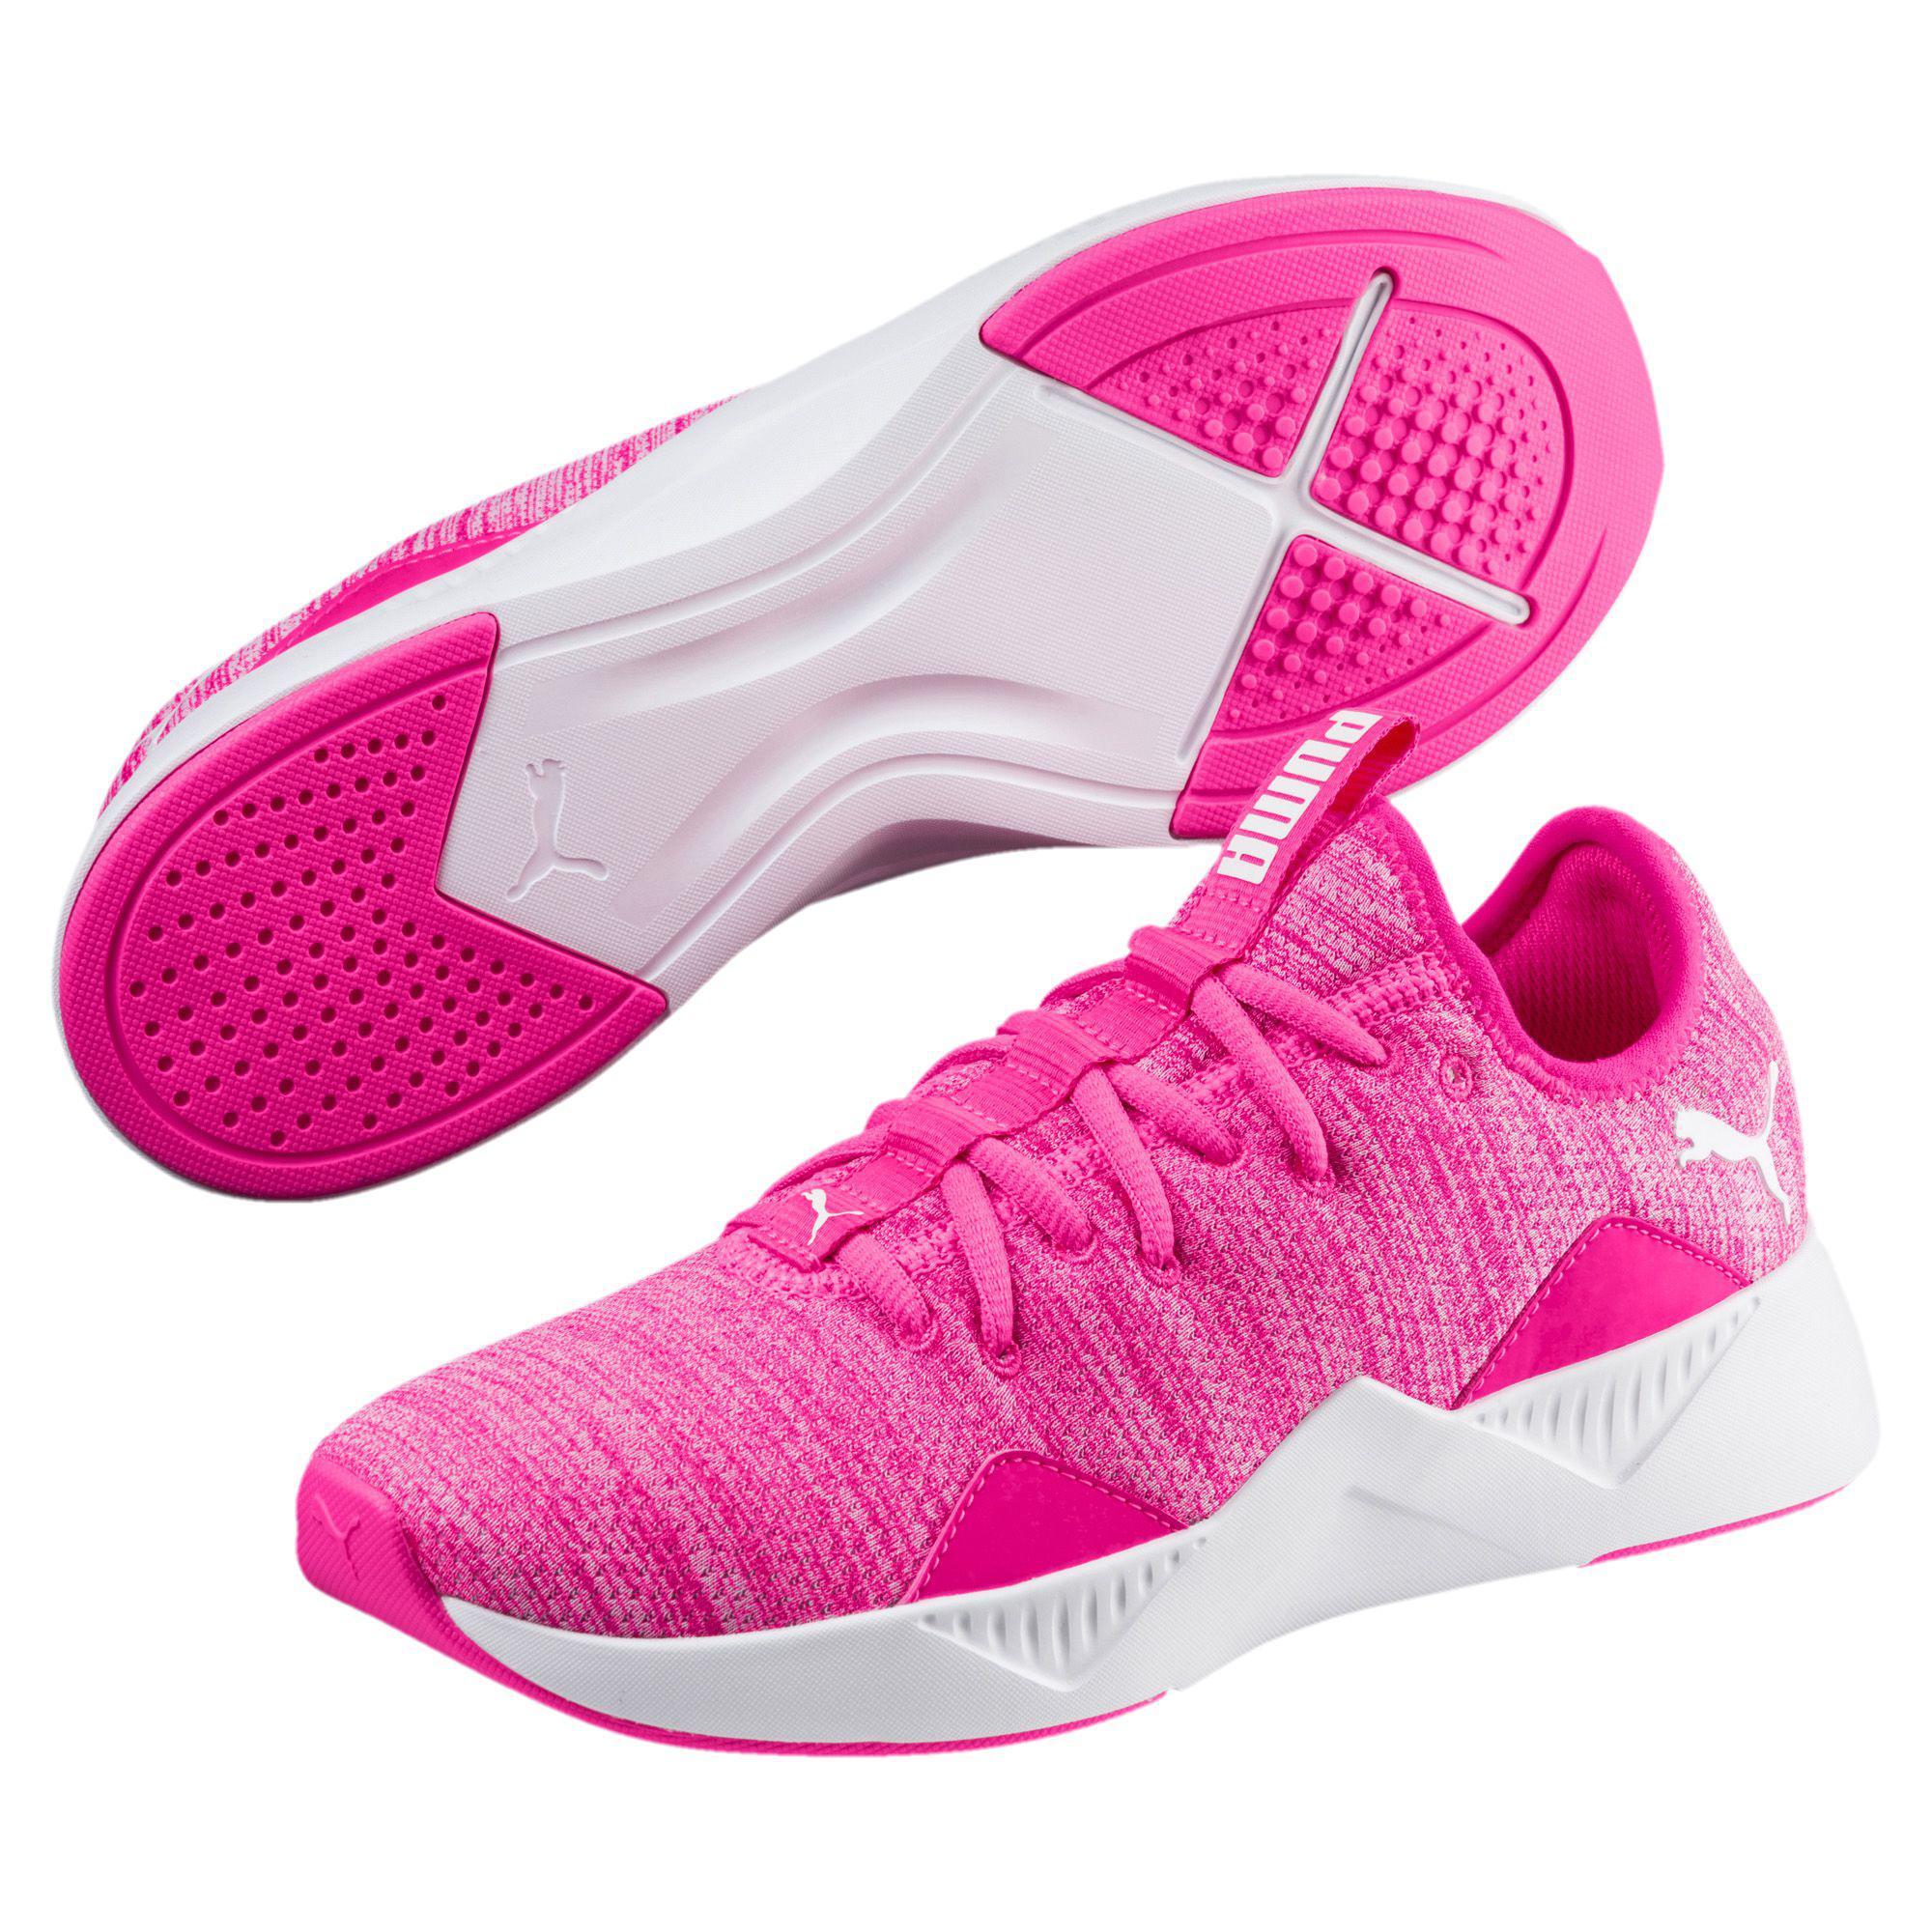 PUMA Incite Modern Women's in Pink - Lyst